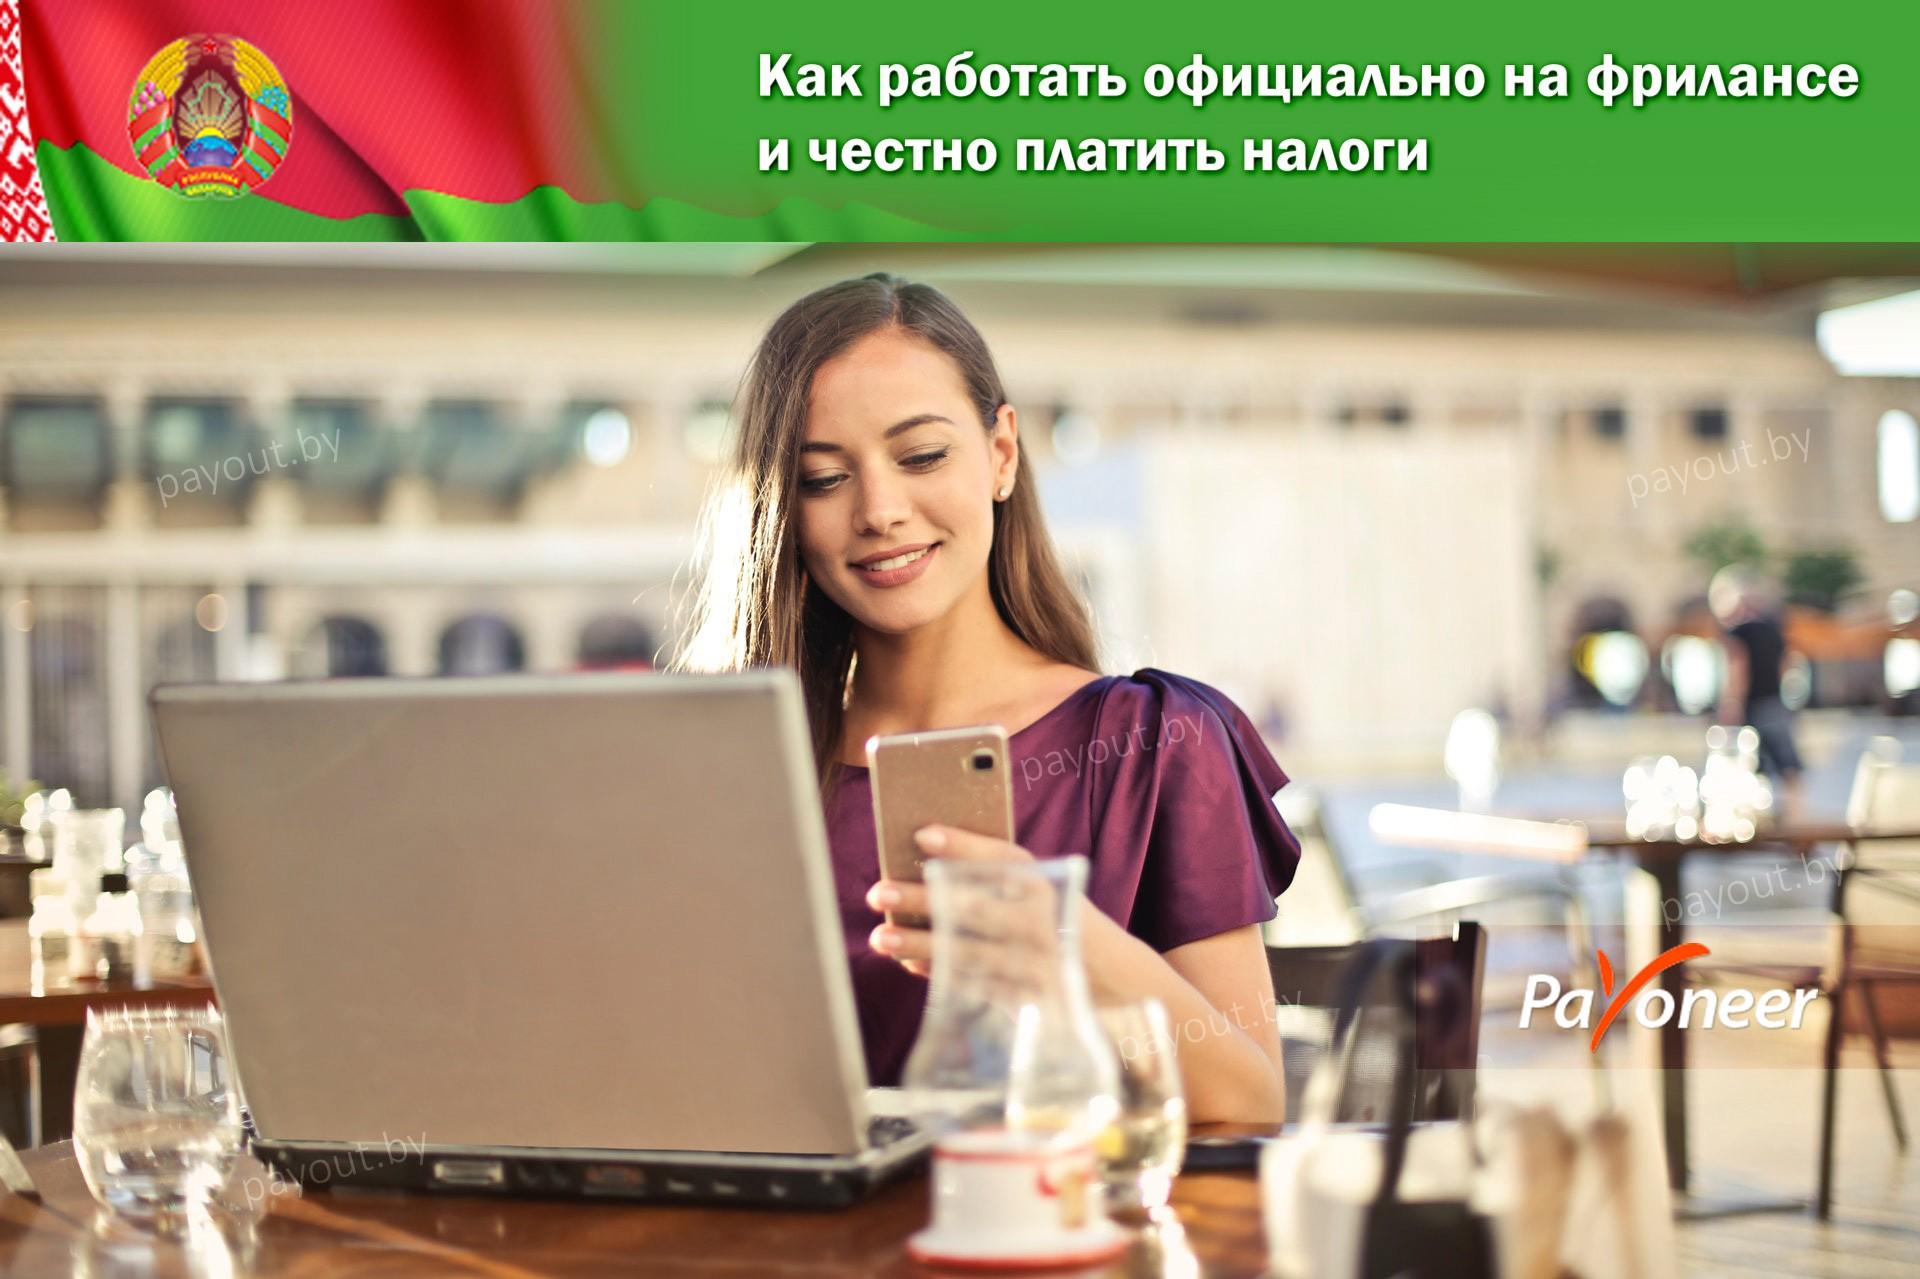 Официальная работа на фрилансе в Беларуси